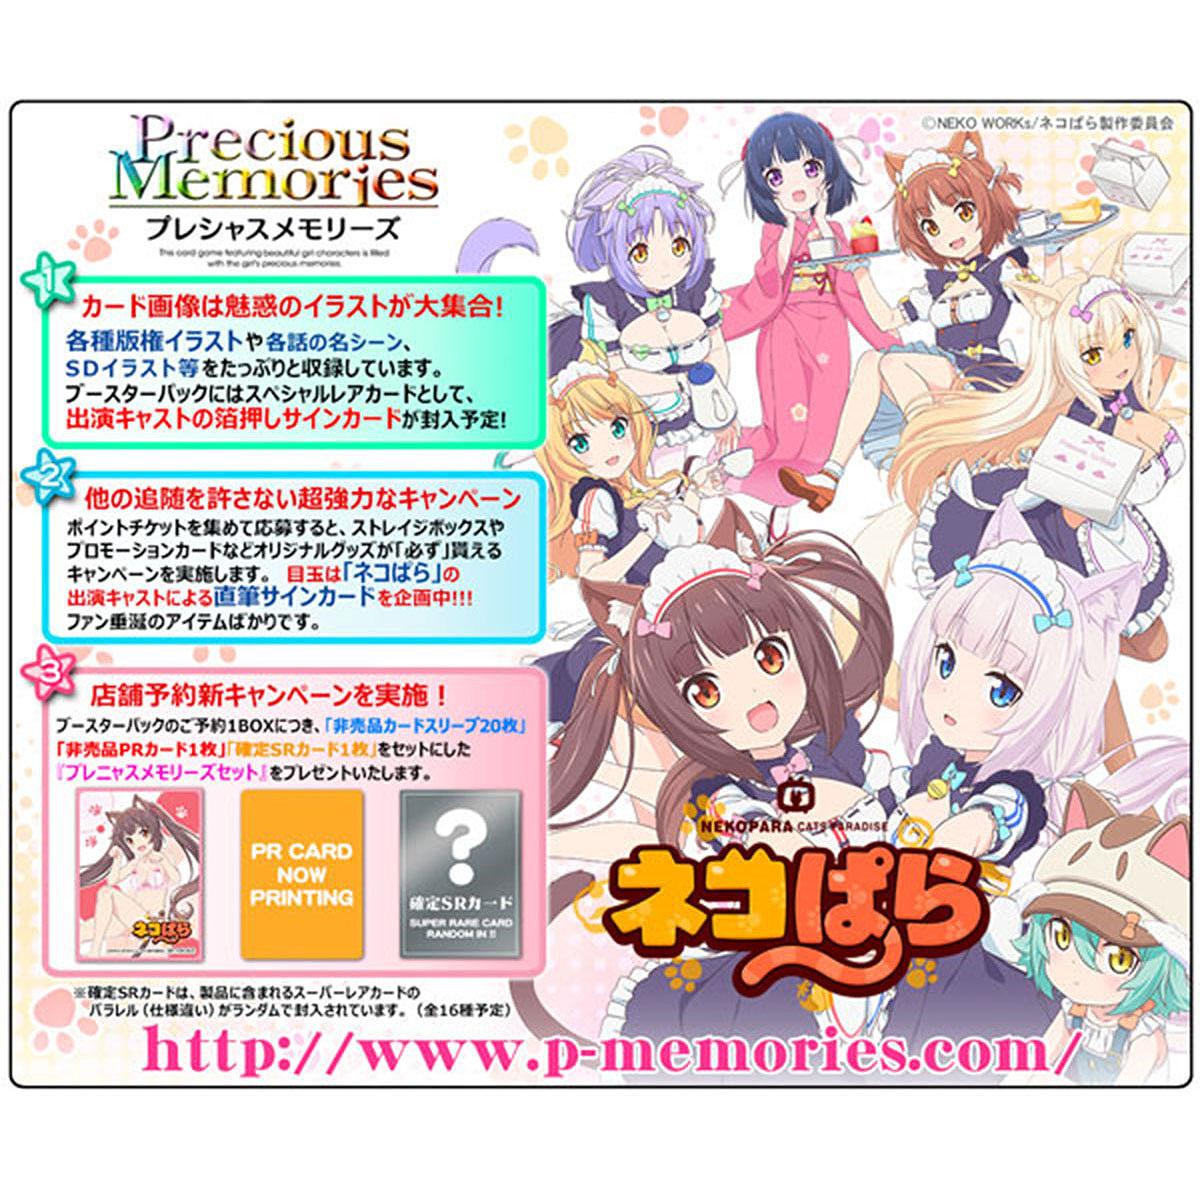 プレシャスメモリーズ『ネコぱらTCG スターターデッキ』1パック-002